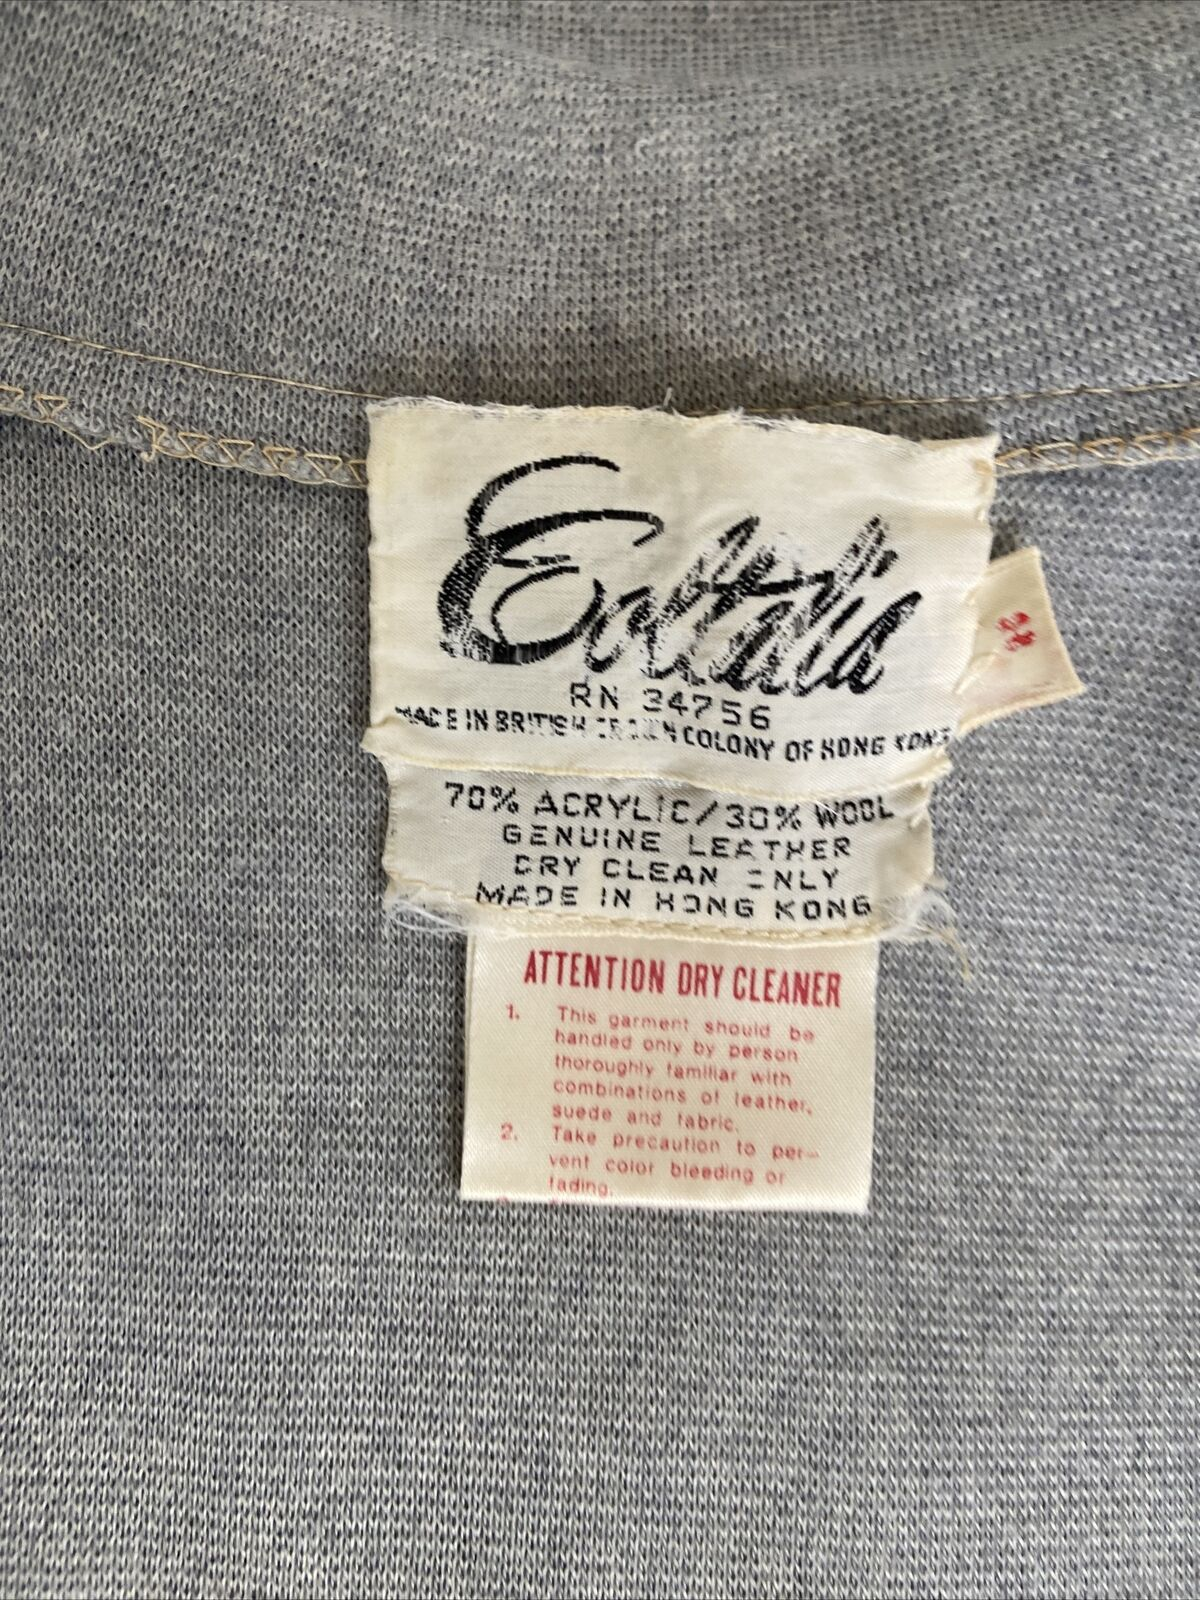 Coltalia Vintage Jacket  - image 11